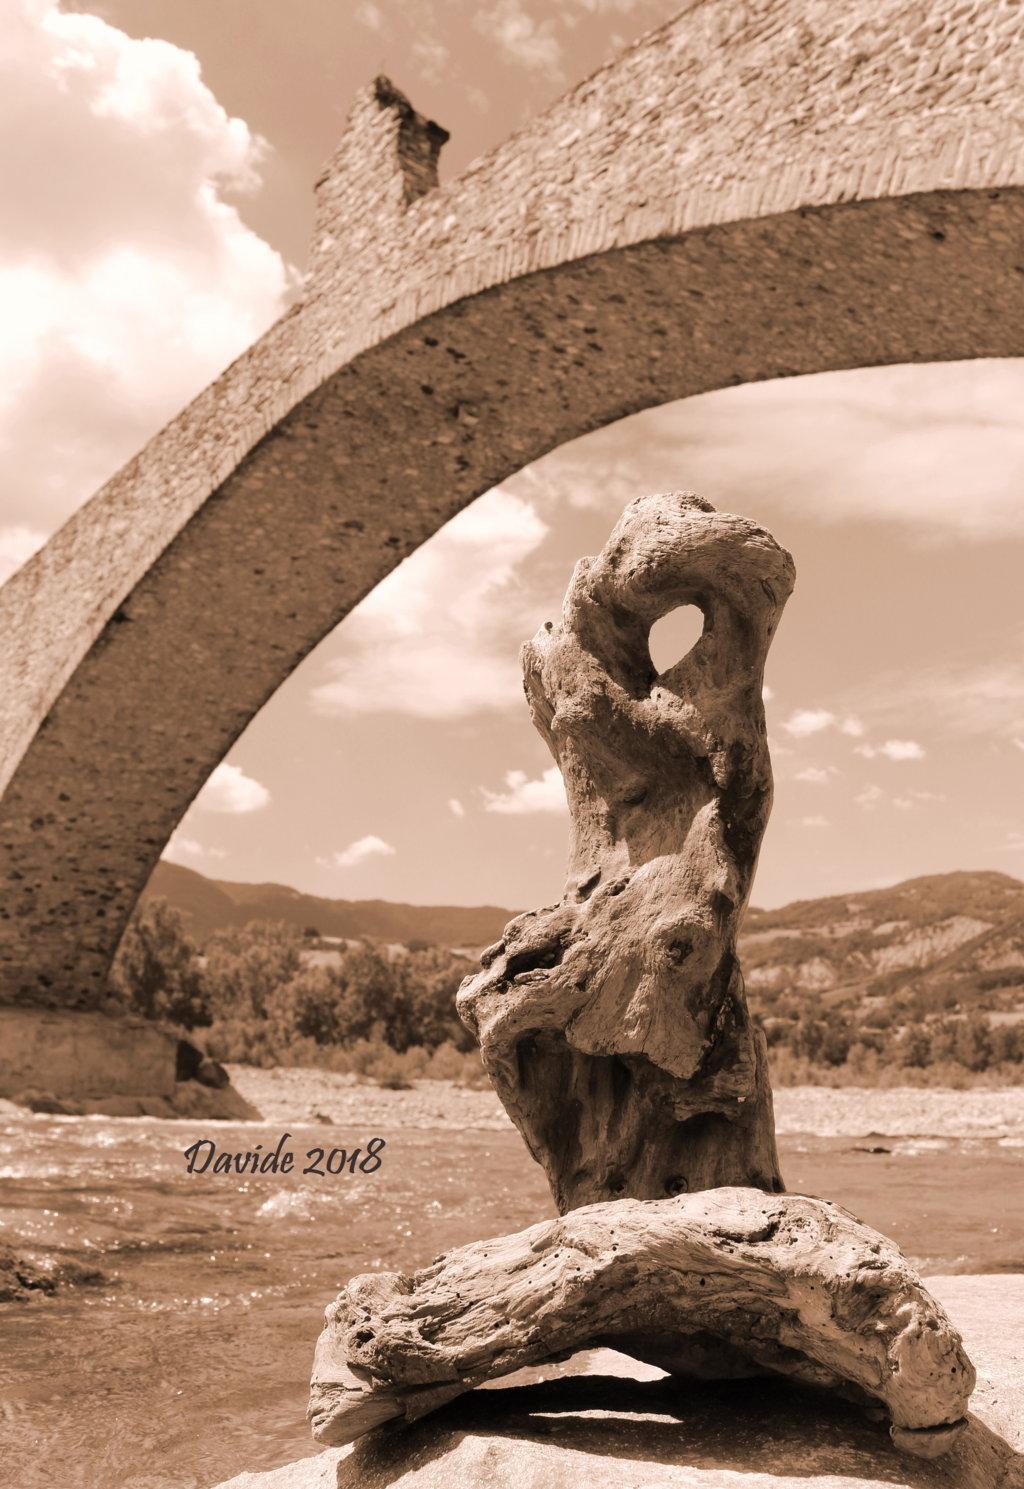 """Davide, """"Forme sfuggenti #8 – Ponte del Diavolo"""", Bobbio (Piacenza, Emilia-Romagna – Val Trebbia, Italia), giugno 2018. © Davide Tansini"""